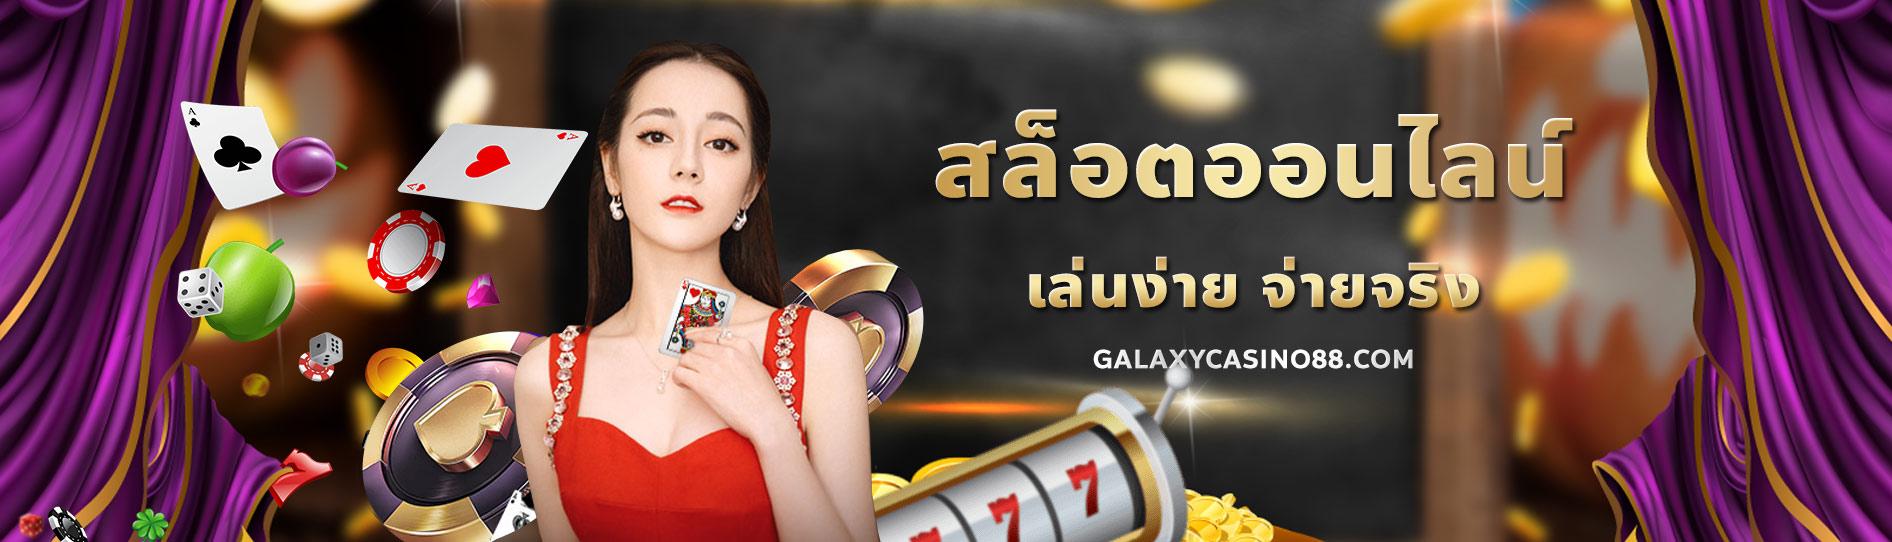 GalaxyCasino88.com